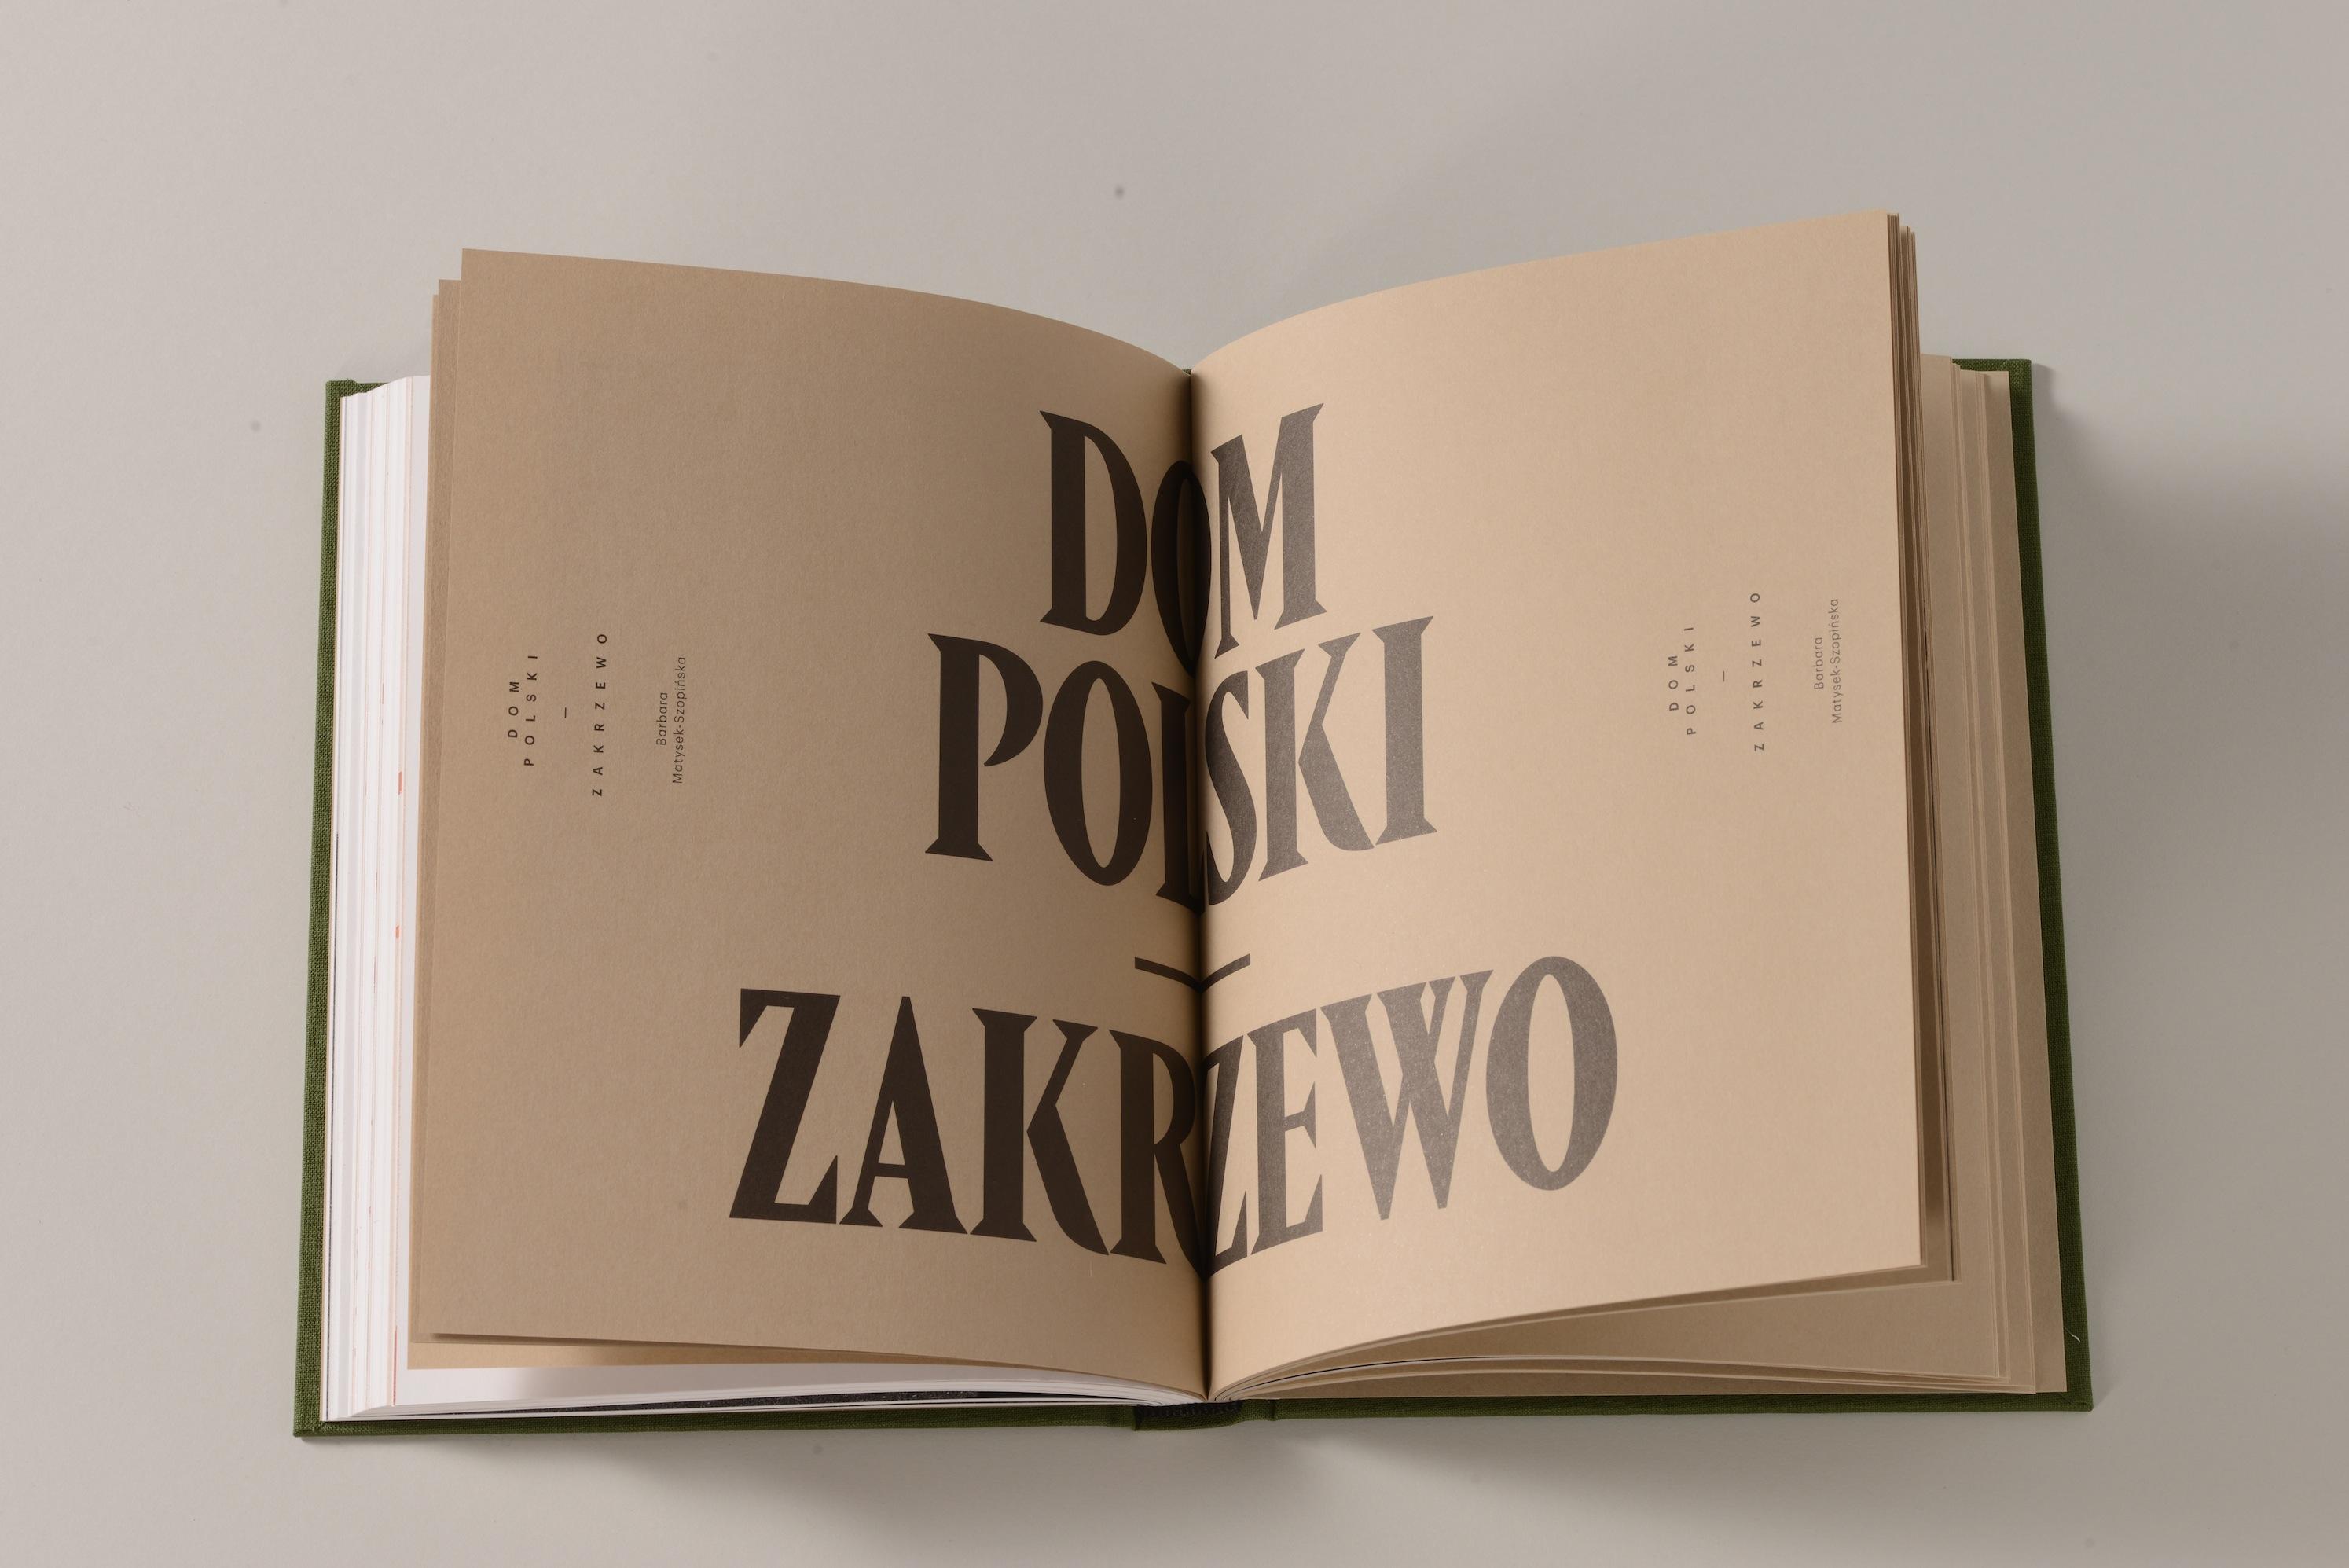 Dom WielkoPolski: Janina Kłopocka - Polichromie (2014')